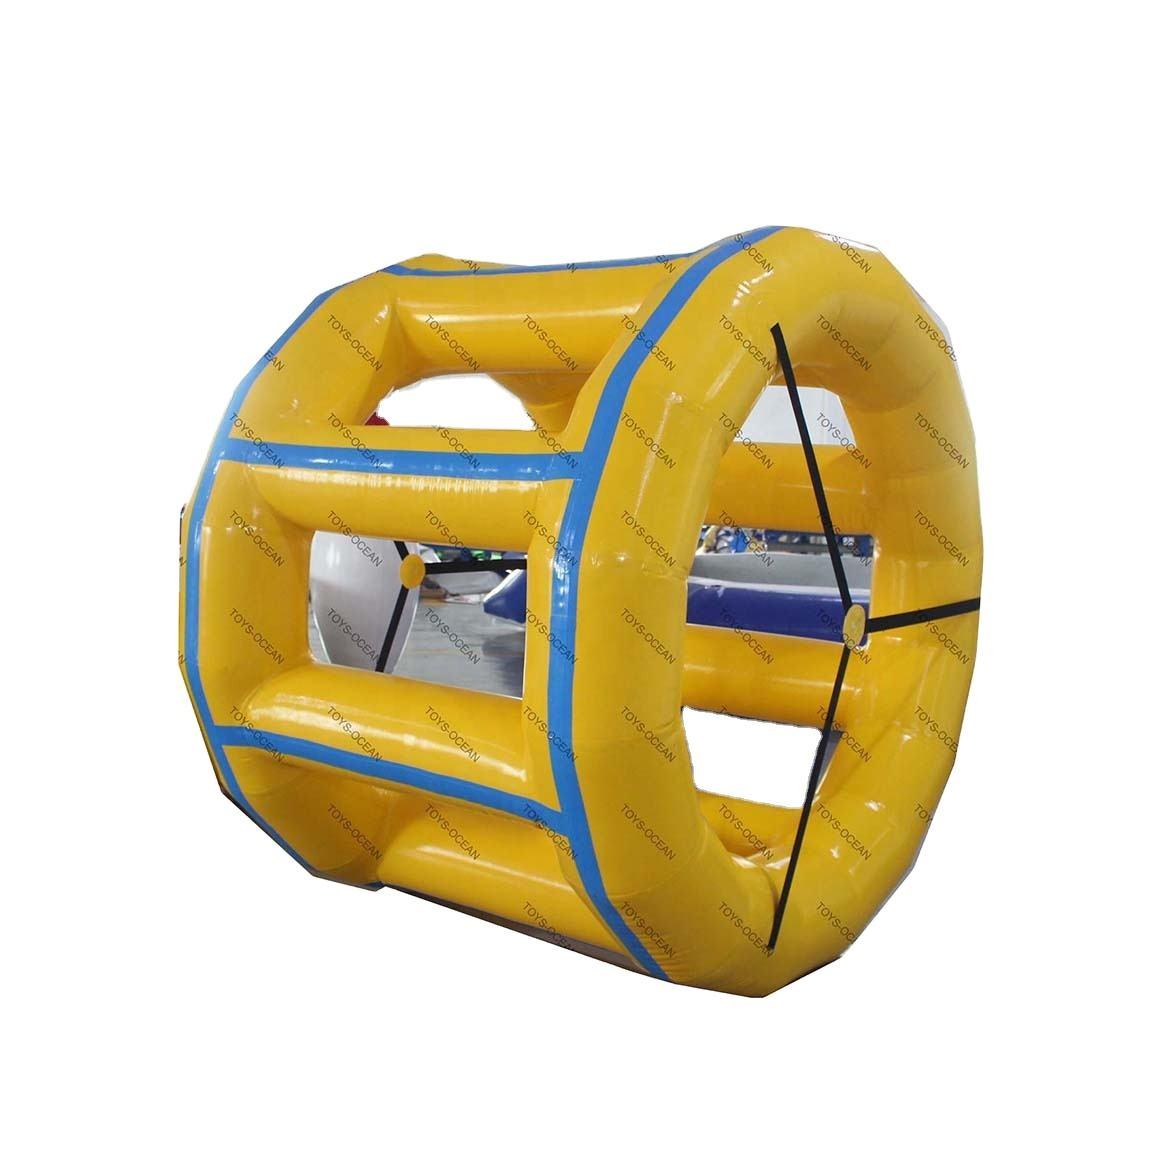 Rullo Ruota di Acqua Colorata Che Giocano Divertente Gonfiabile per Piscina/Lago Gonfiabili Giochi D'acqua